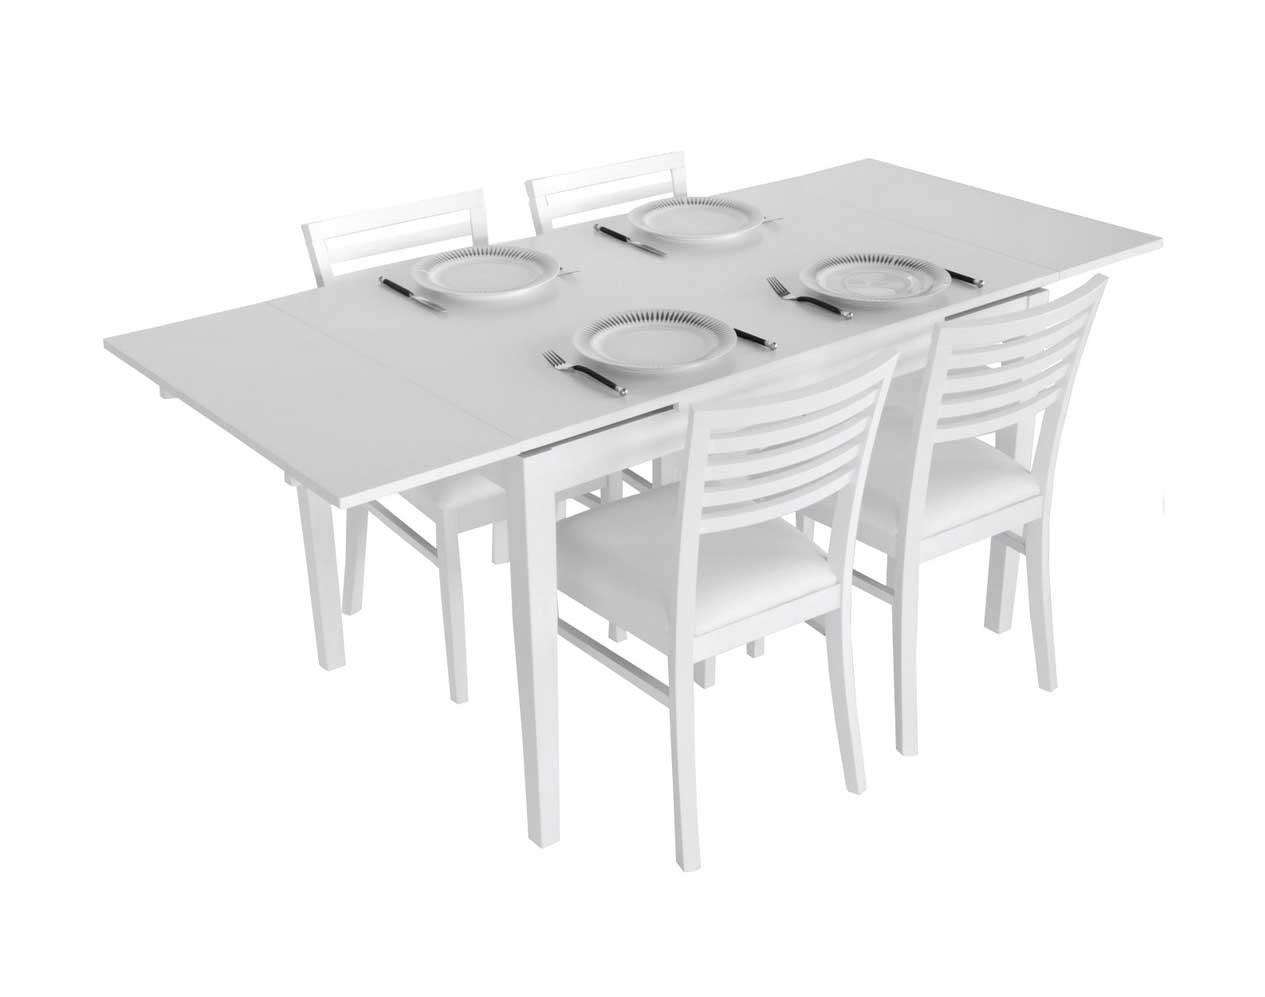 jysk matbord och stolar